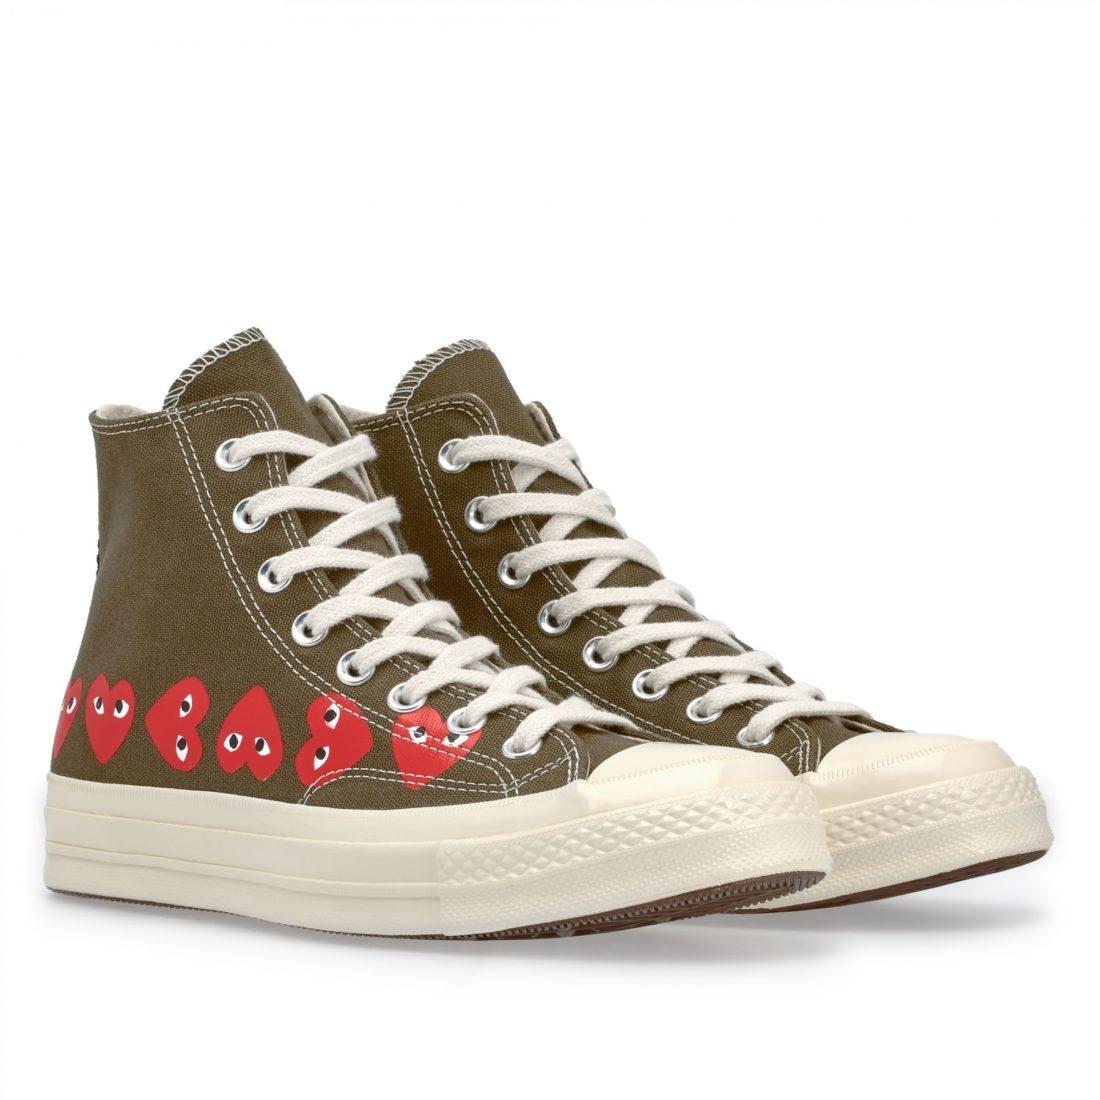 7d9f3530e751 Comme des GARÇONS x Converse Chuck 70 Hi Khaki - Le Site de la Sneaker